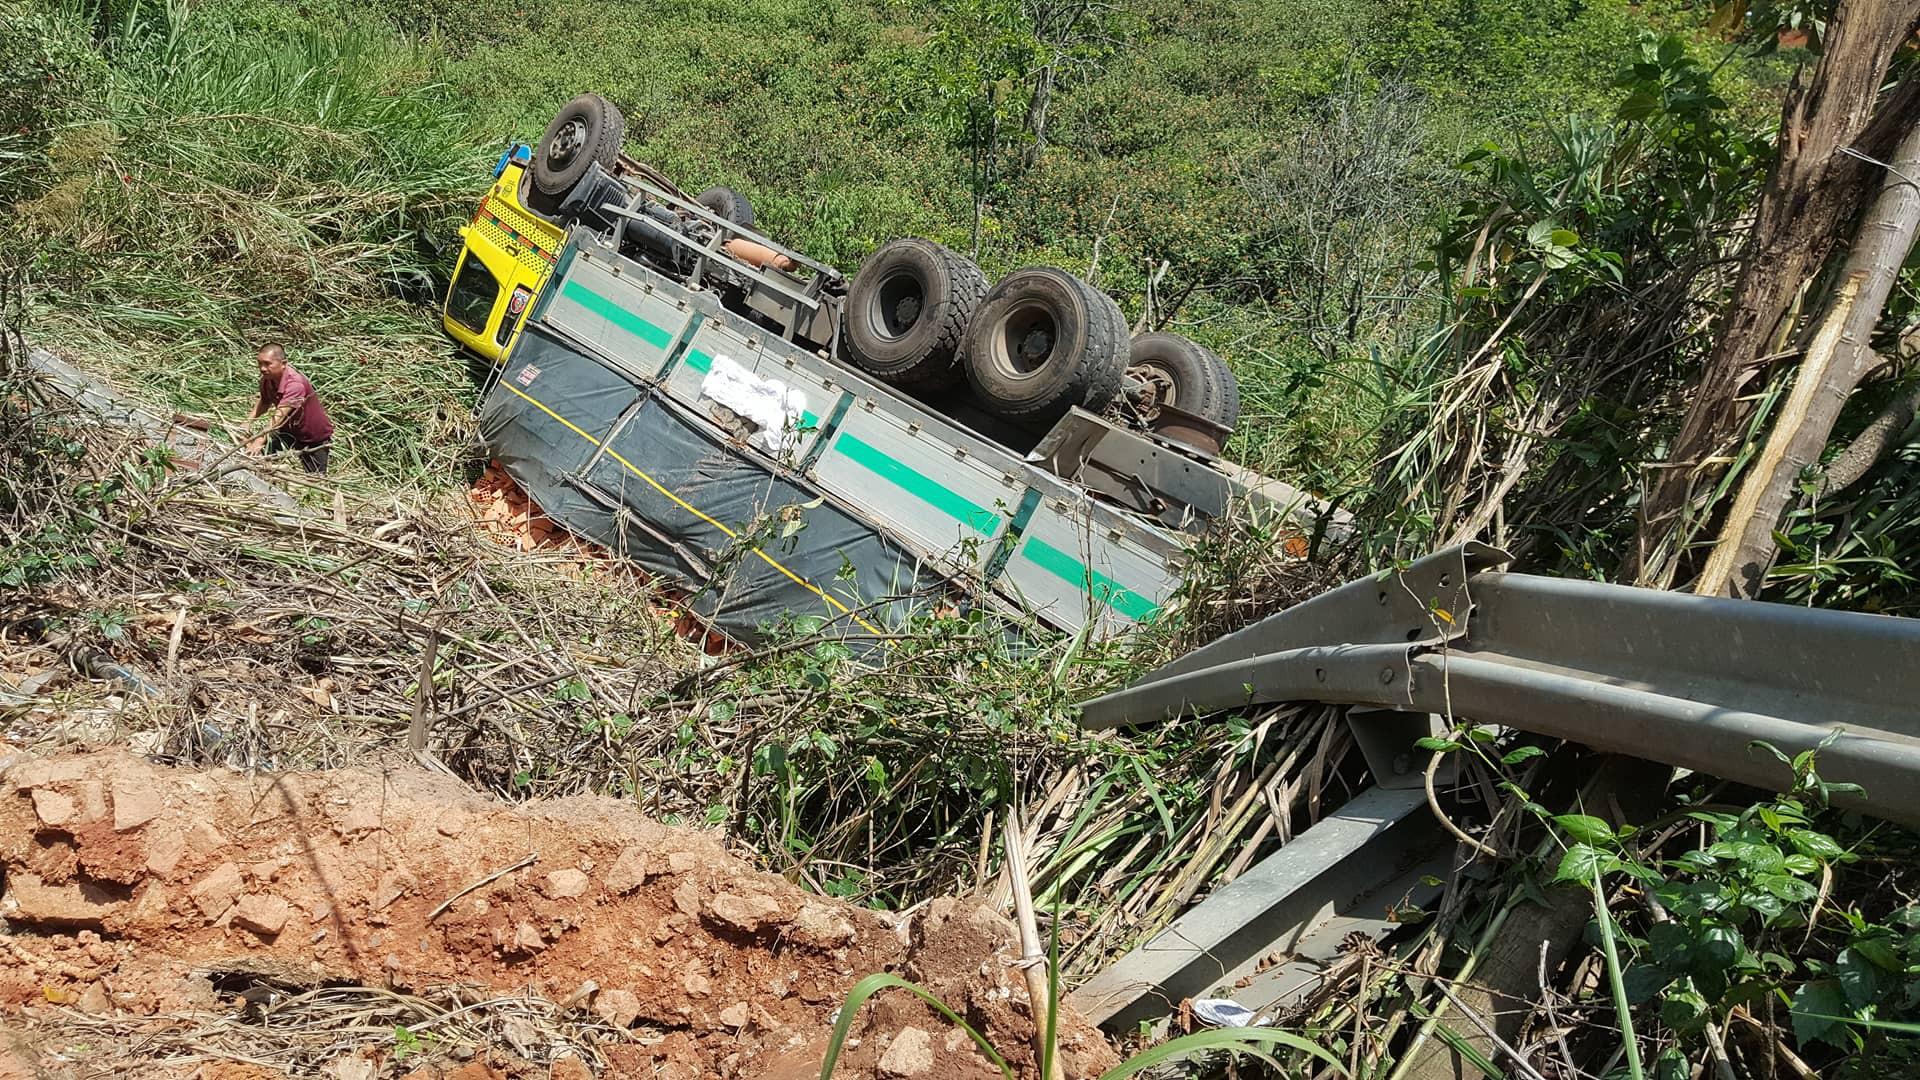 Đà Lạt: Người đi đường rớt tim khi chiếc xe tải đang leo đèo Mimosa thì bể nồi hơi, lao thẳng xuống vực - Ảnh 3.